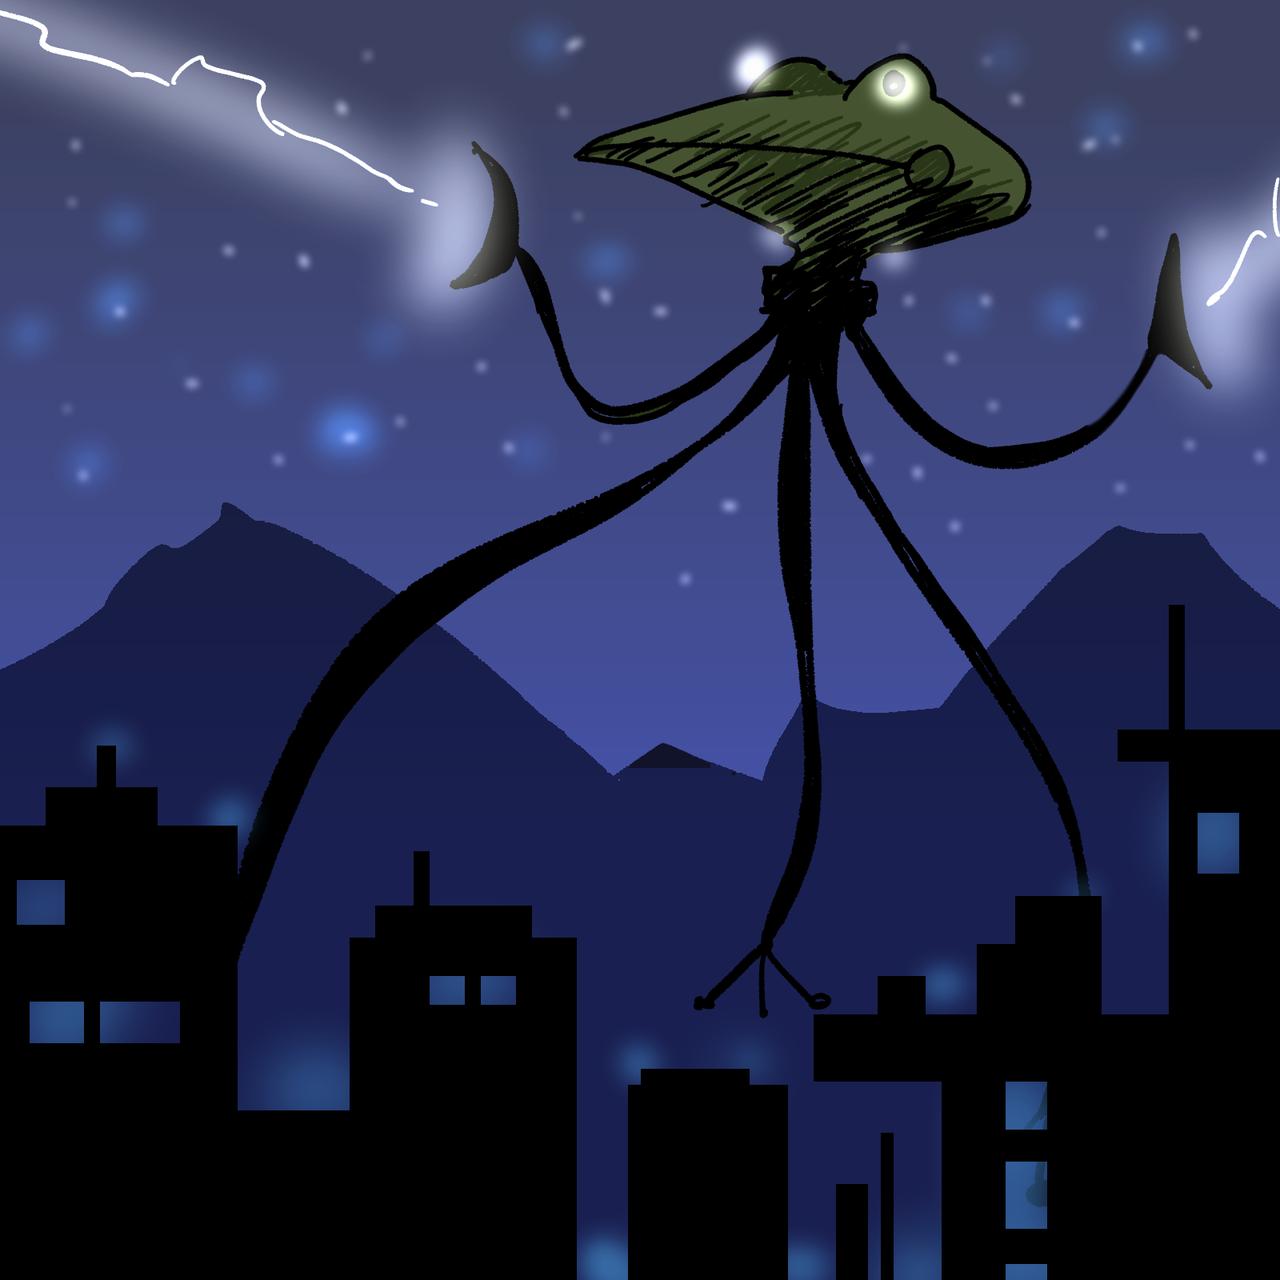 今日は何の日ニュースパニックデー宇宙戦争の日 kaeruco